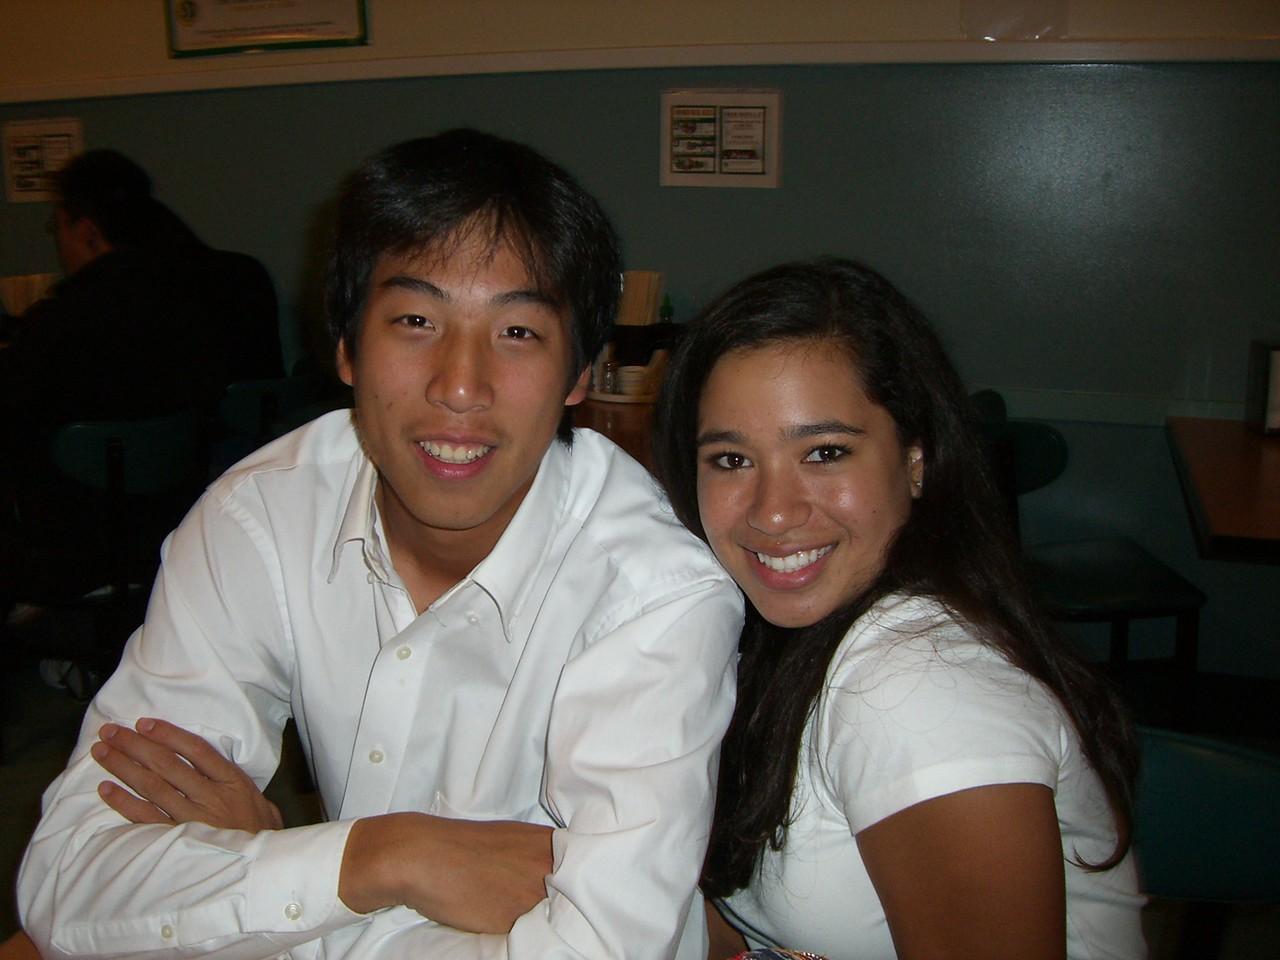 2005 10 22 Sat - James Lee & Jennifer Evans